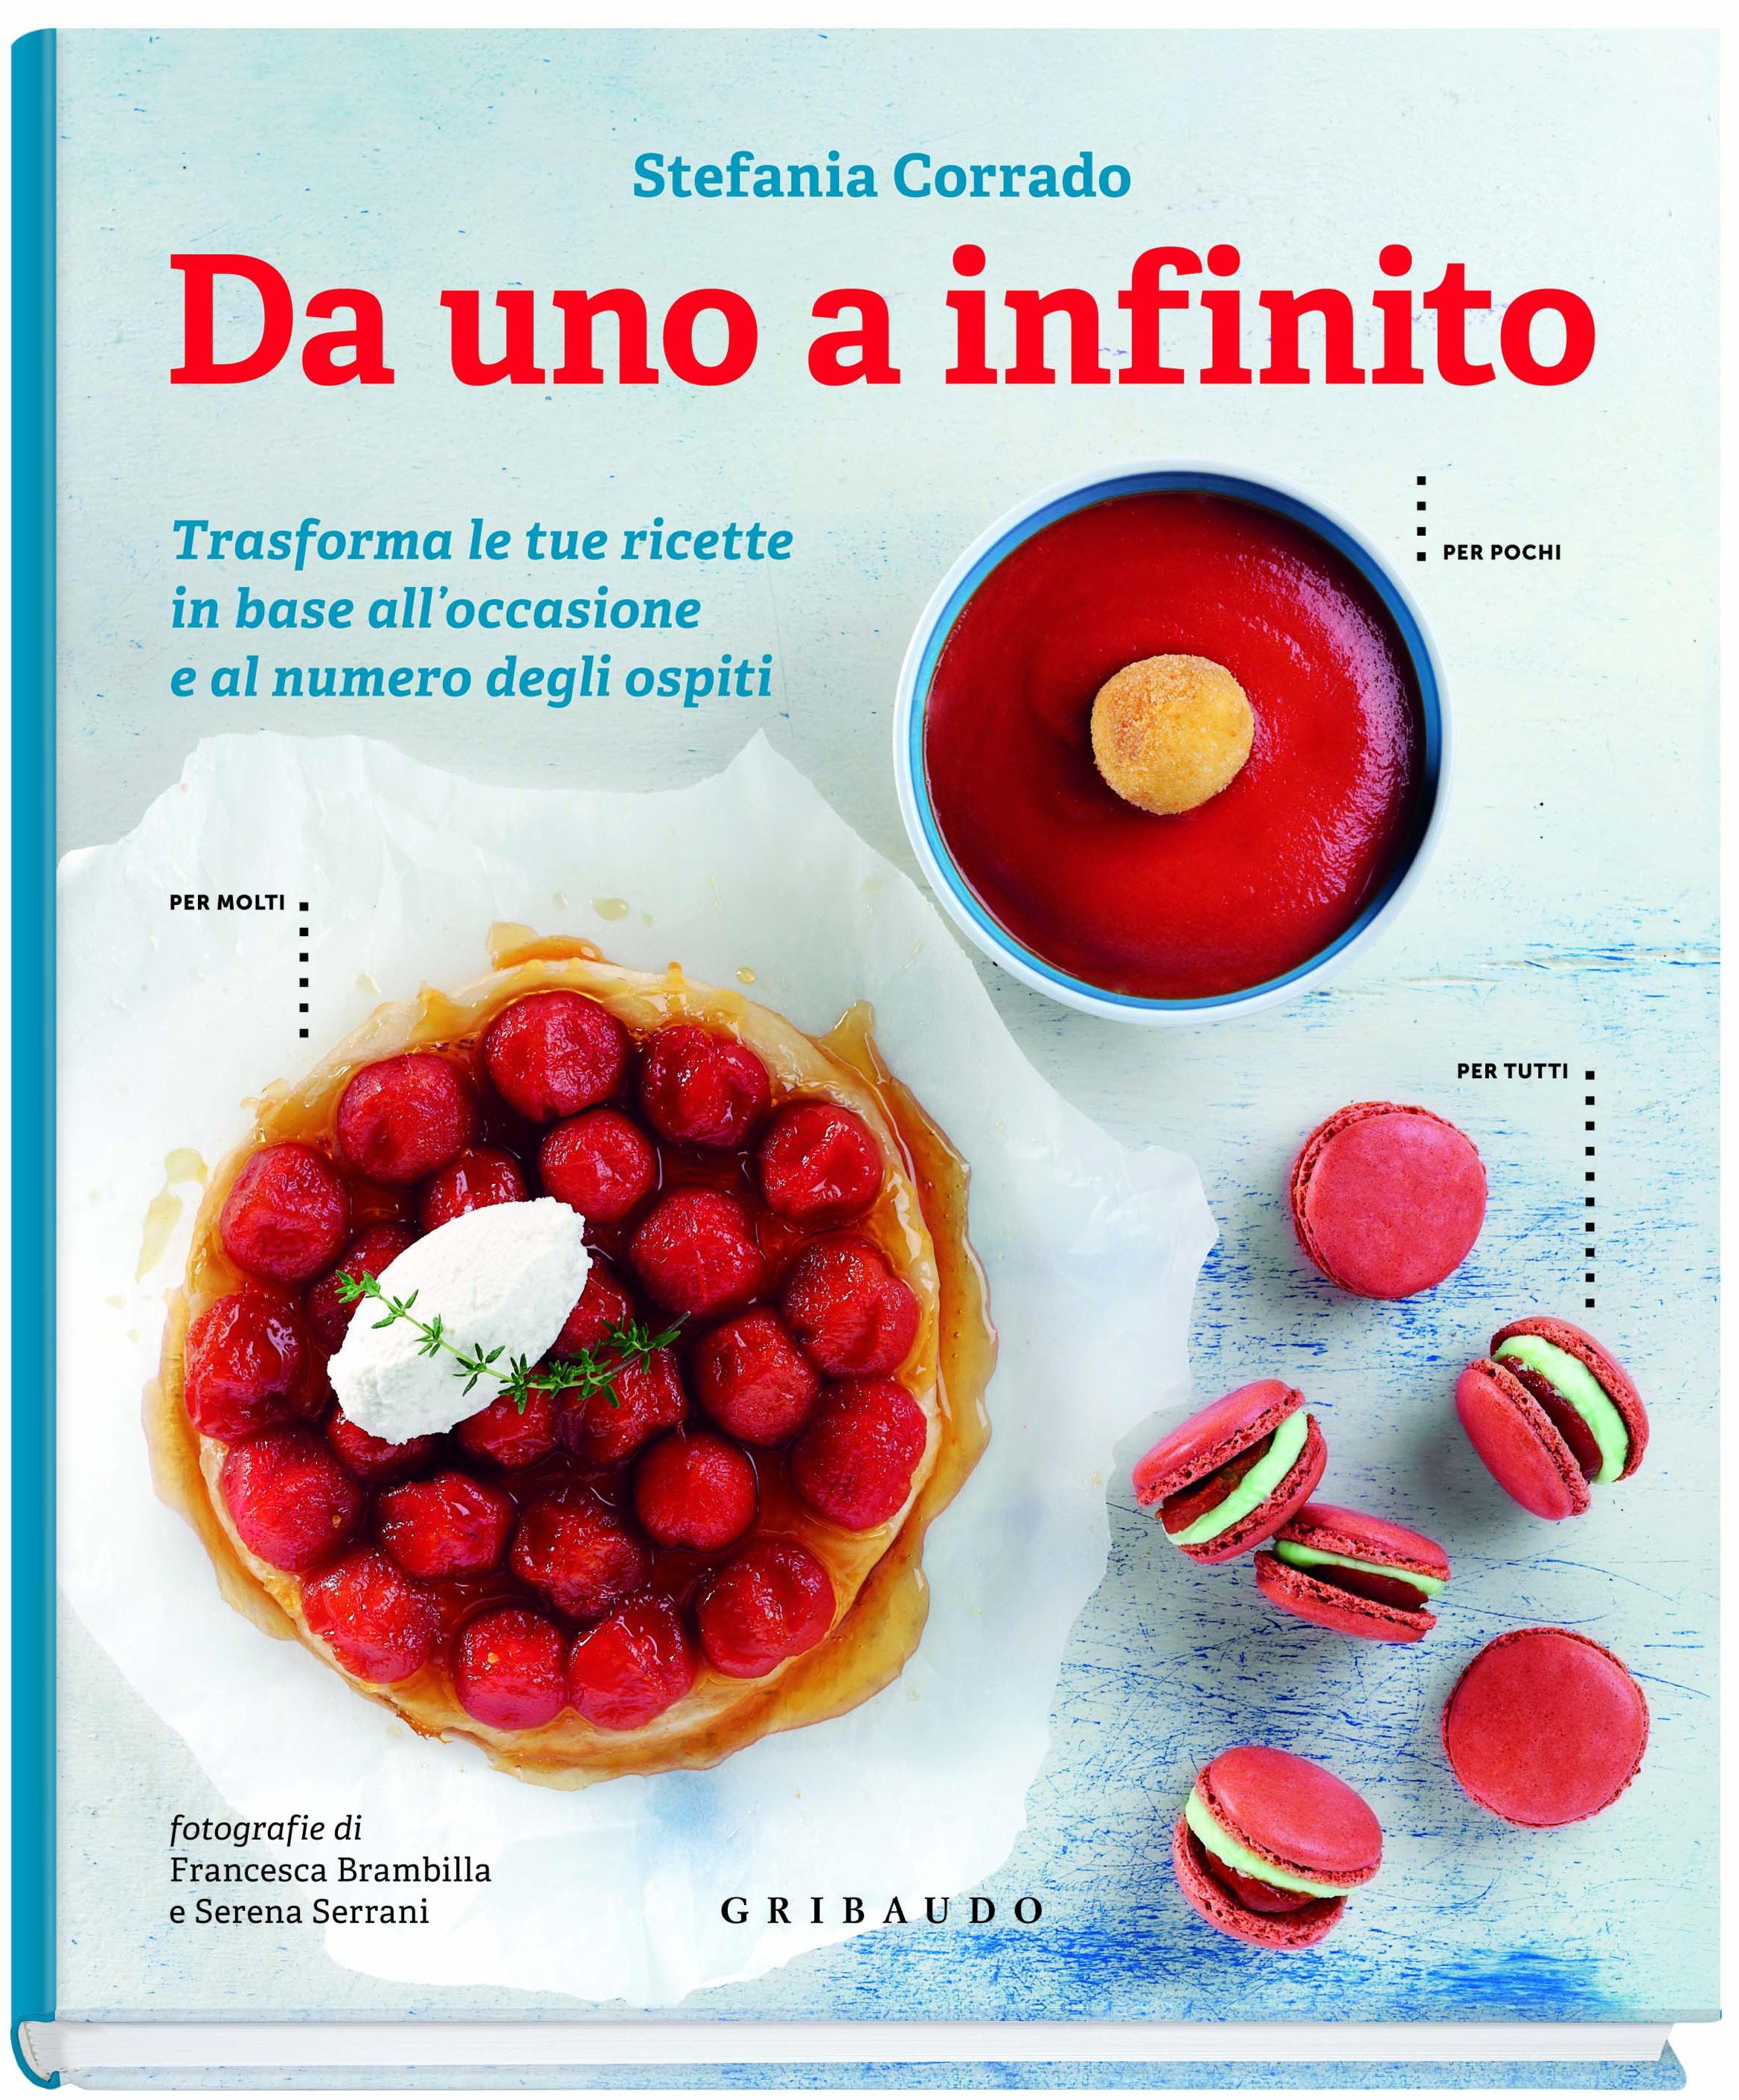 Da Uno a Infinito. Il libro di Stefania Corrado. Fotografie di Francesca Brambilla e Serena Serrani - Ed. Gribaudo - pag. 160